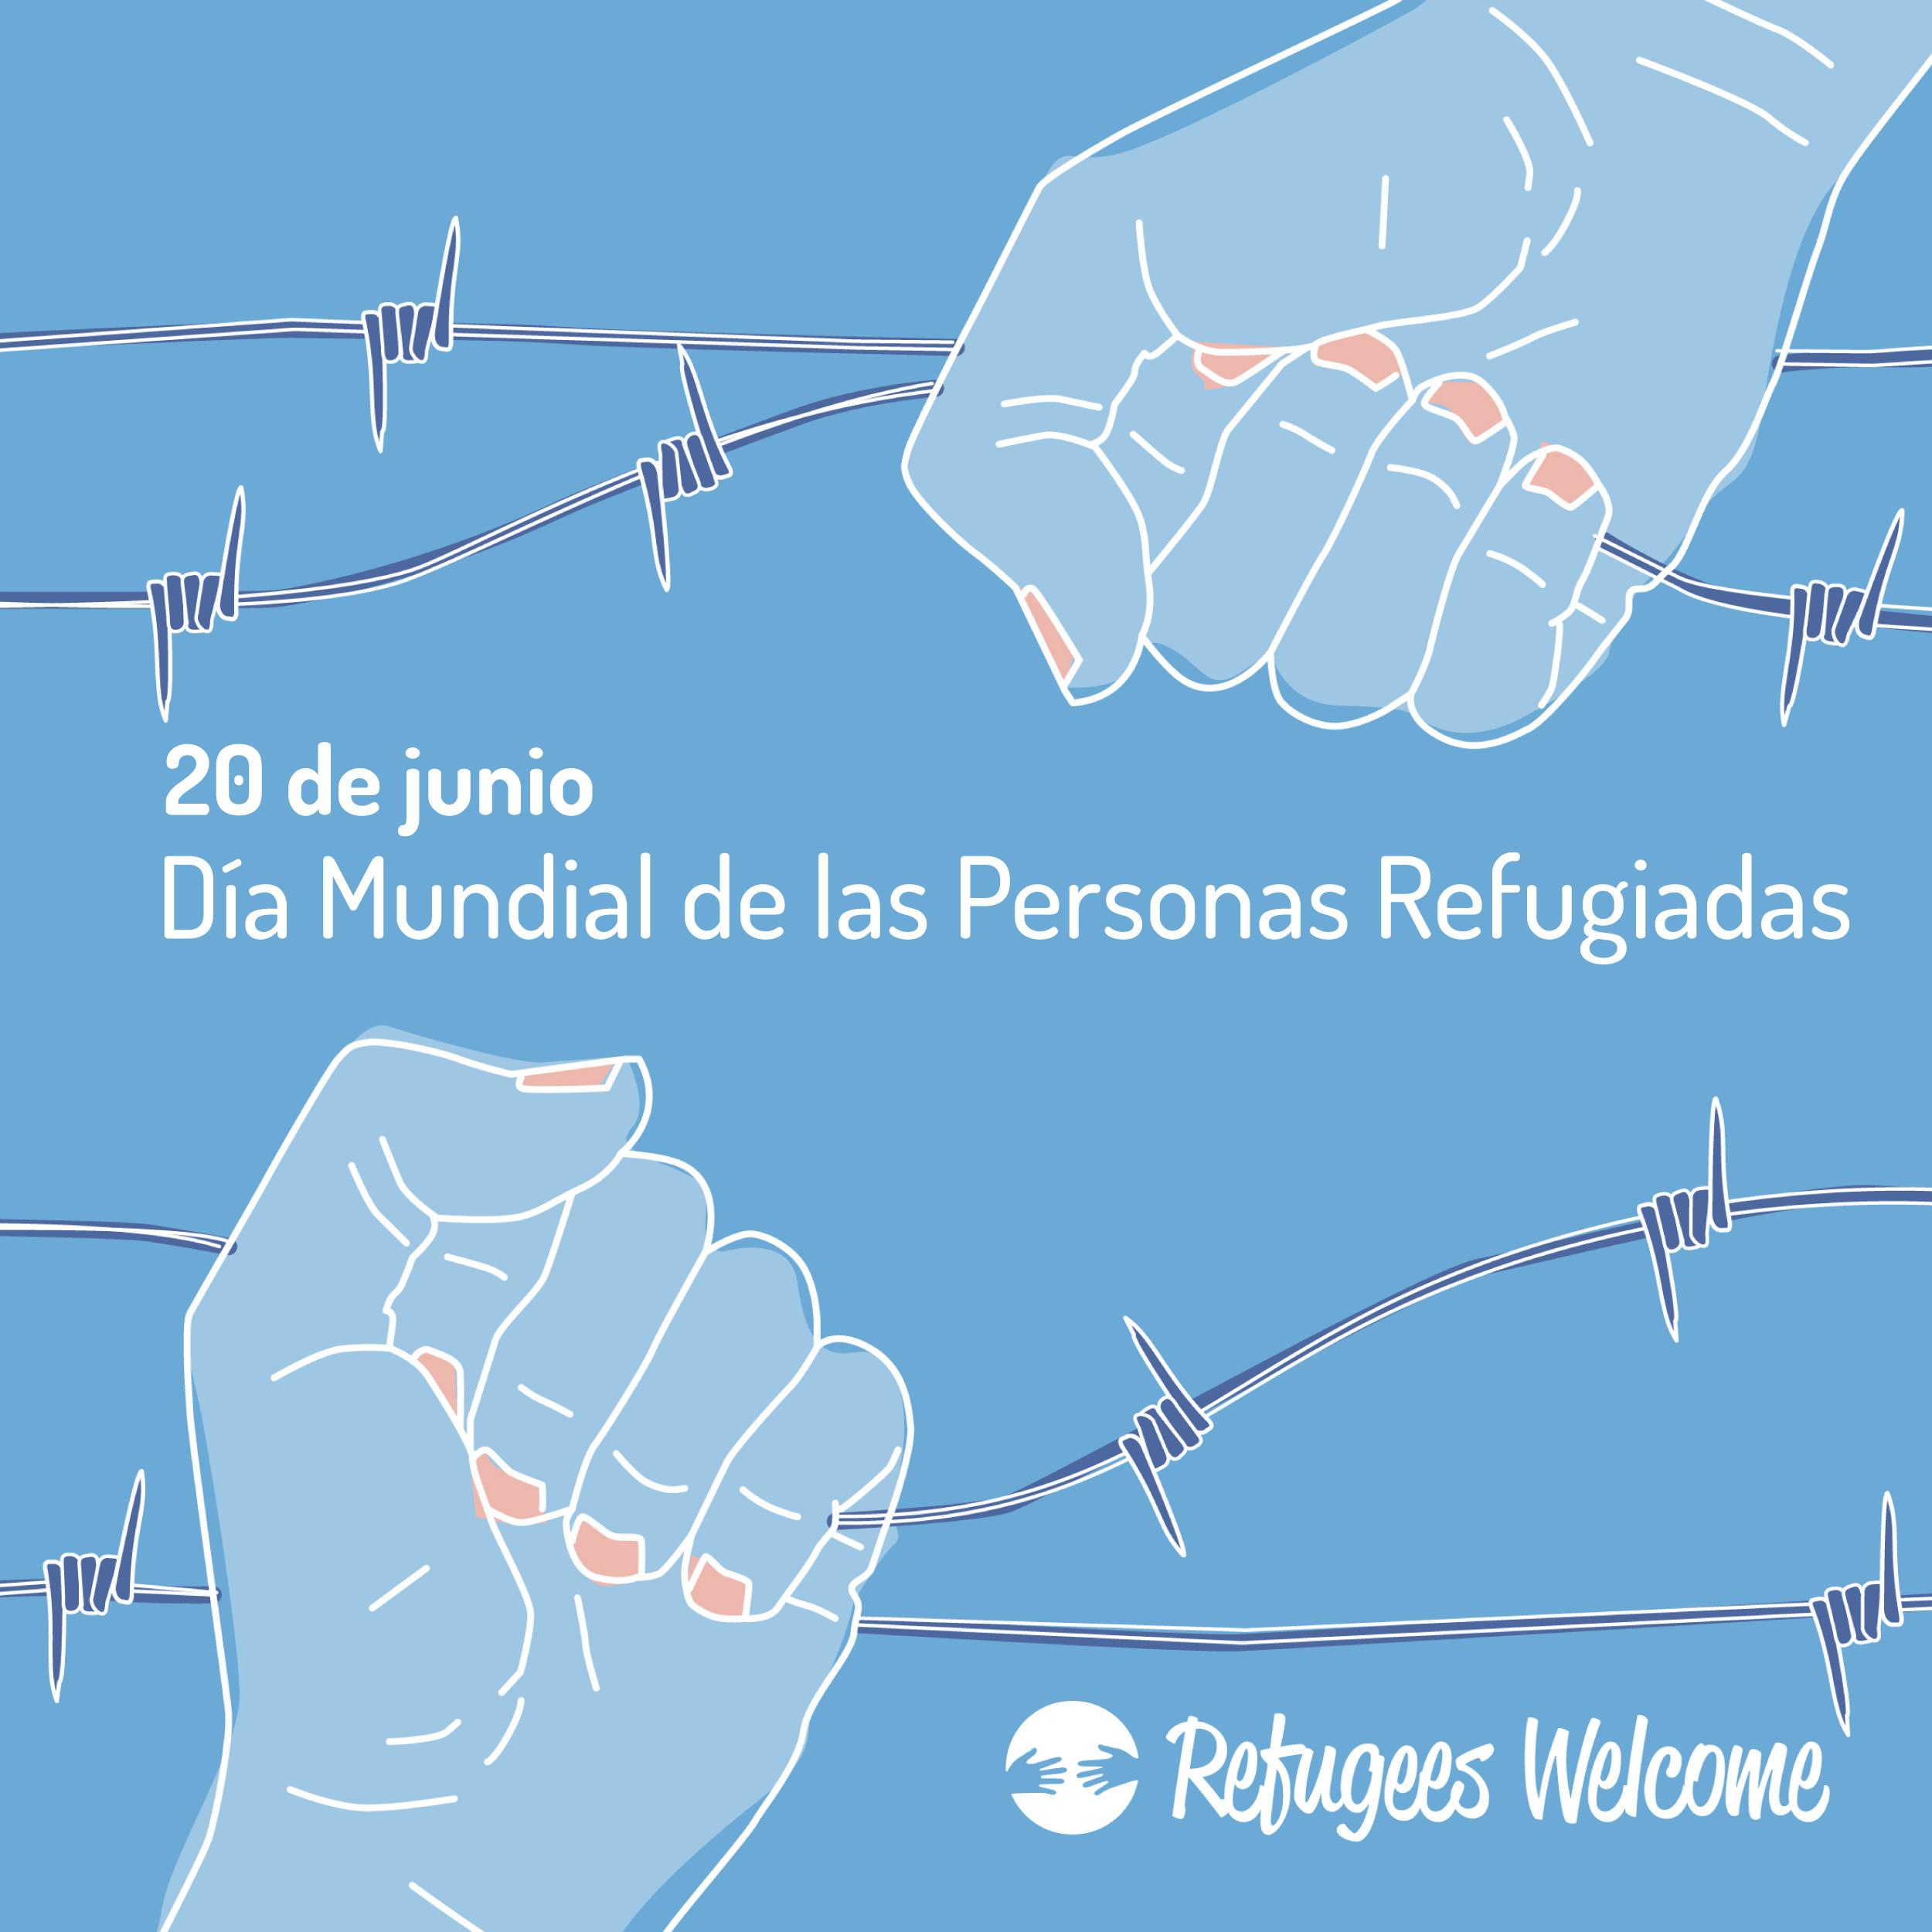 Manifiesto de Refugees Welcome por el Día Internacional de las Personas Refugiadas